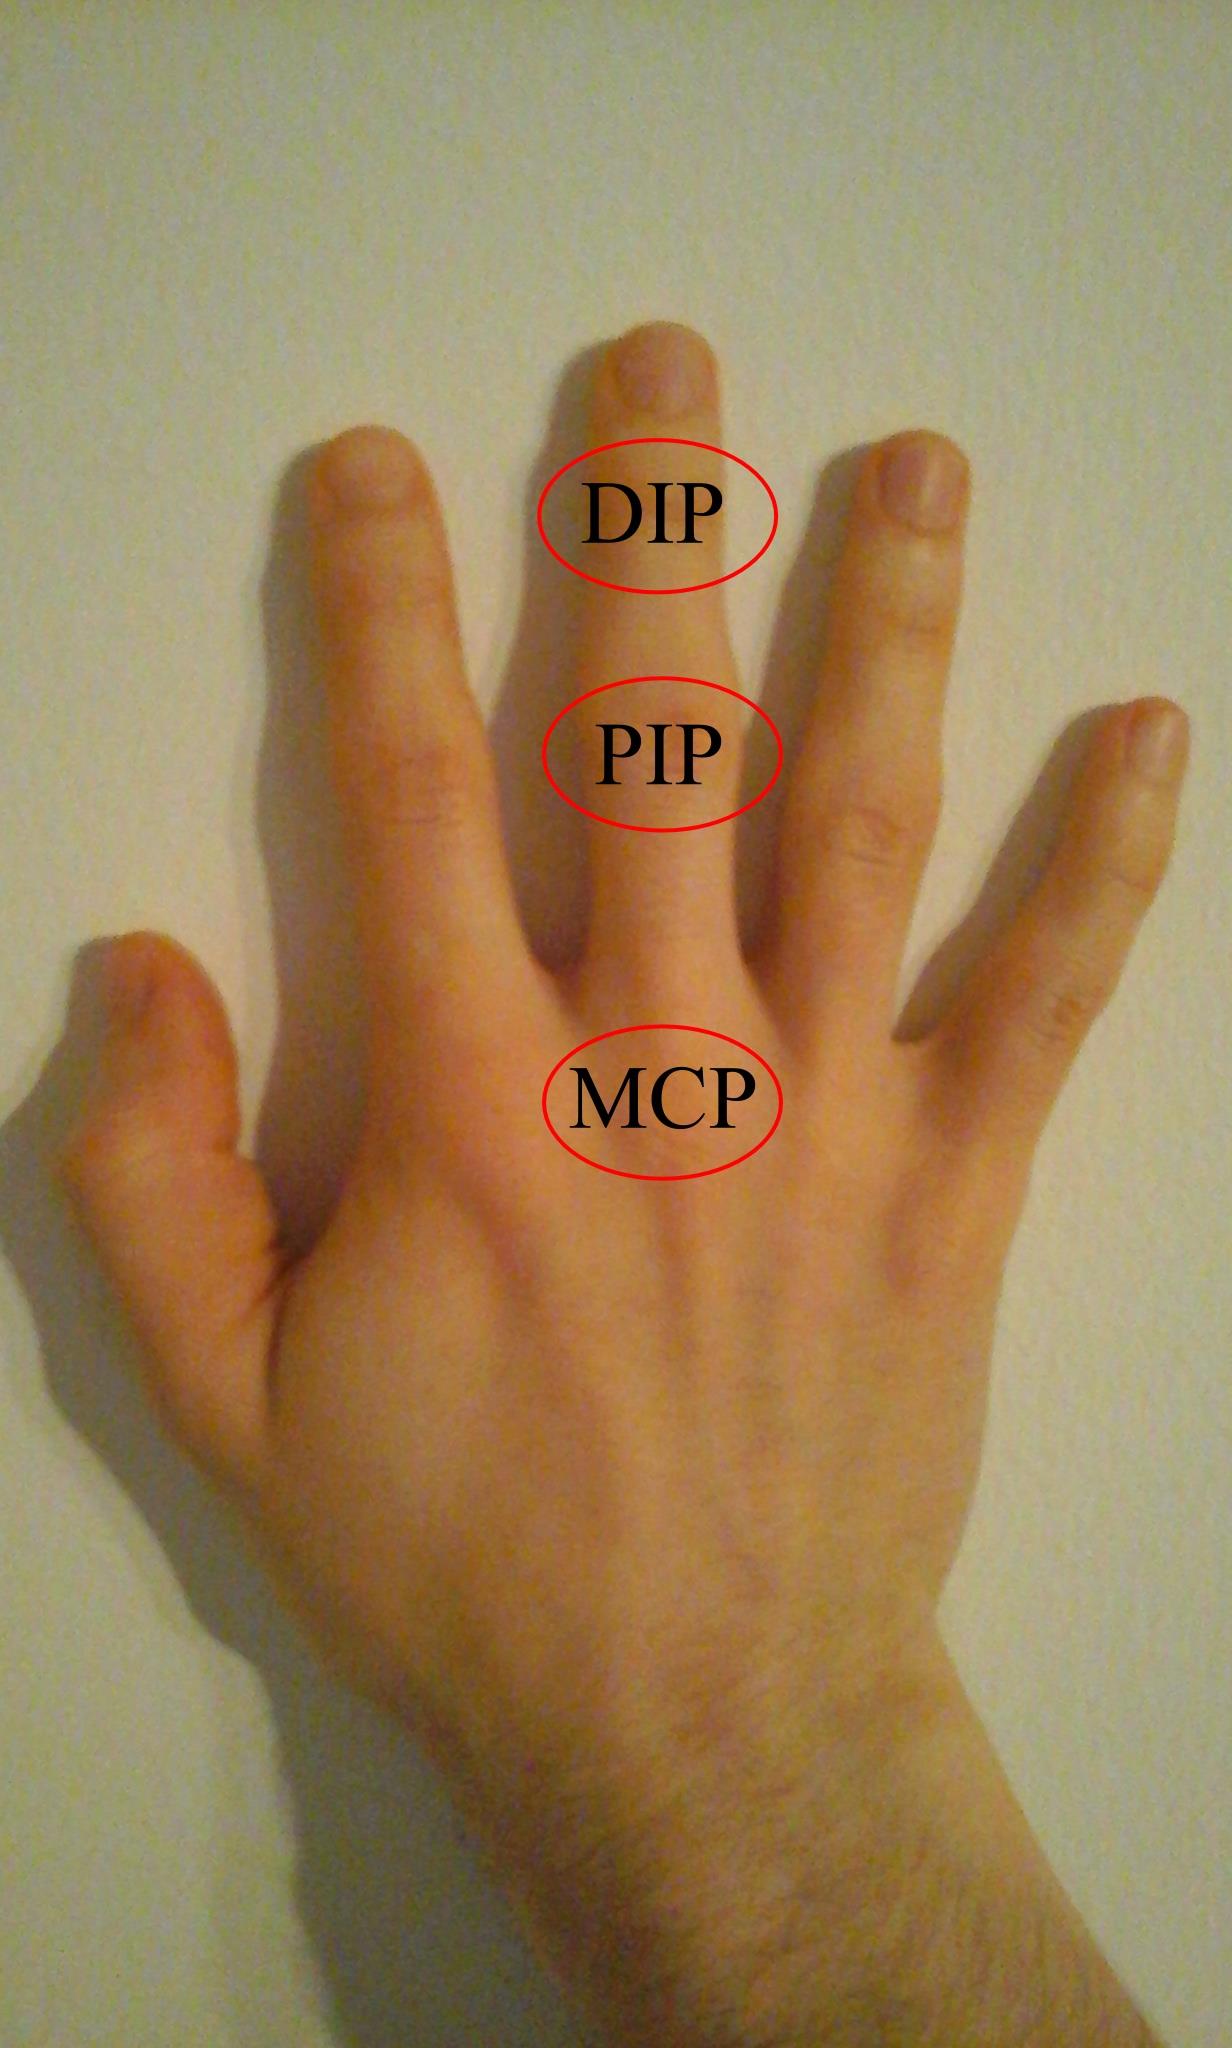 ujj-ízületi arthrosis kezelés